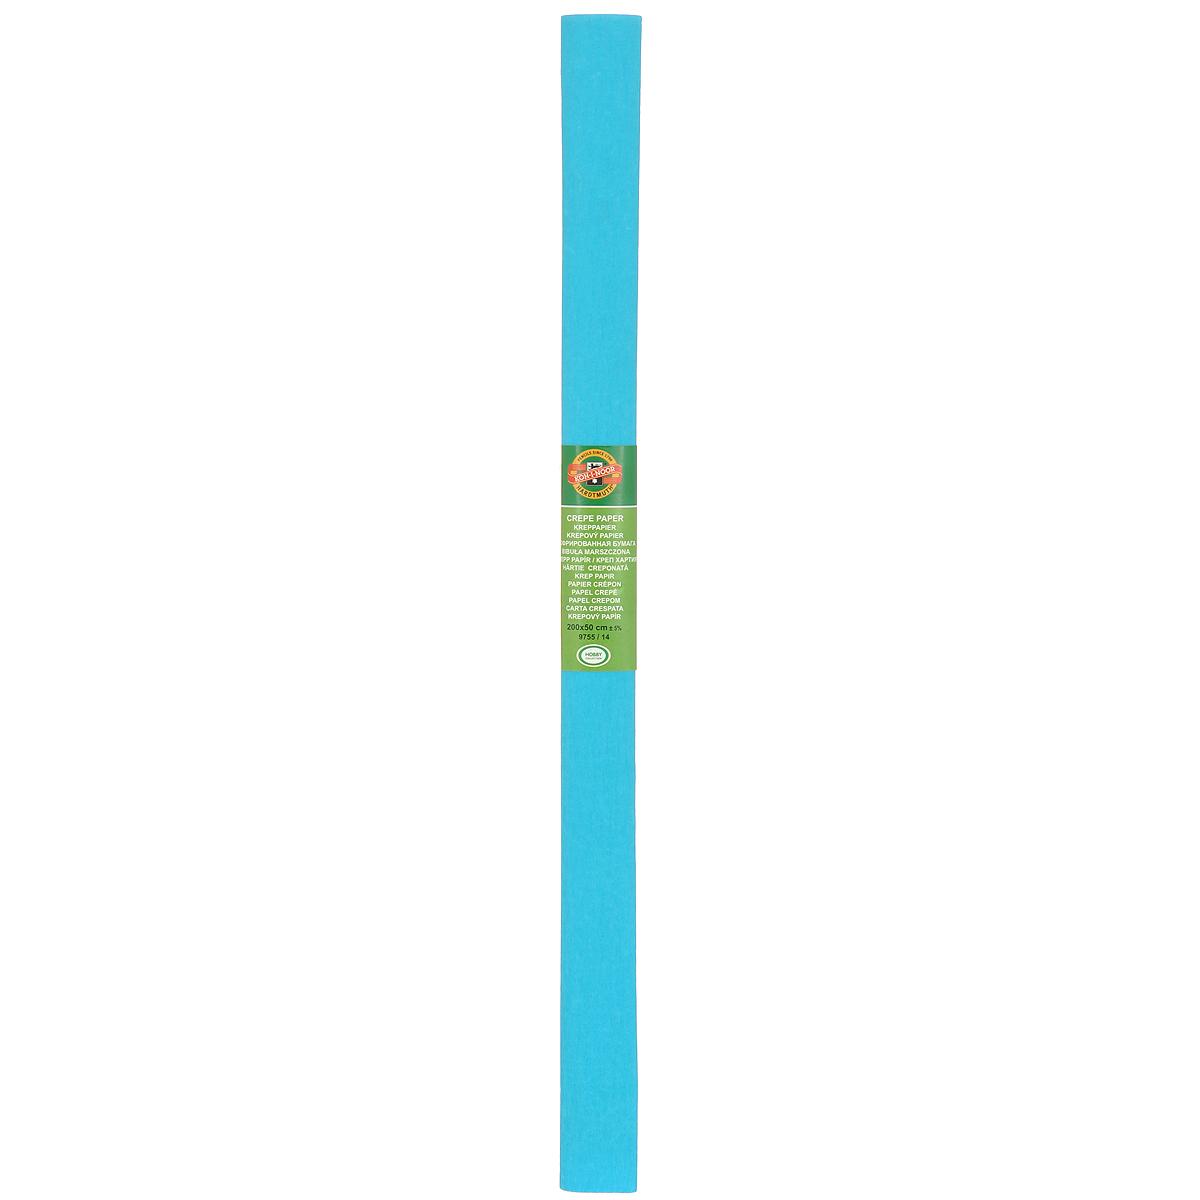 Бумага гофрированная Koh-I-Noor, цвет: голубой, 50 см x 2 мRSP-202SГофрированная бумага Koh-I-Noor - прекрасный материал для декорирования, изготовления эффектной упаковки и различных поделок. Бумага прекрасно держит форму, не пачкает руки, отлично крепится и замечательно подходит для изготовления праздничной упаковки для цветов.